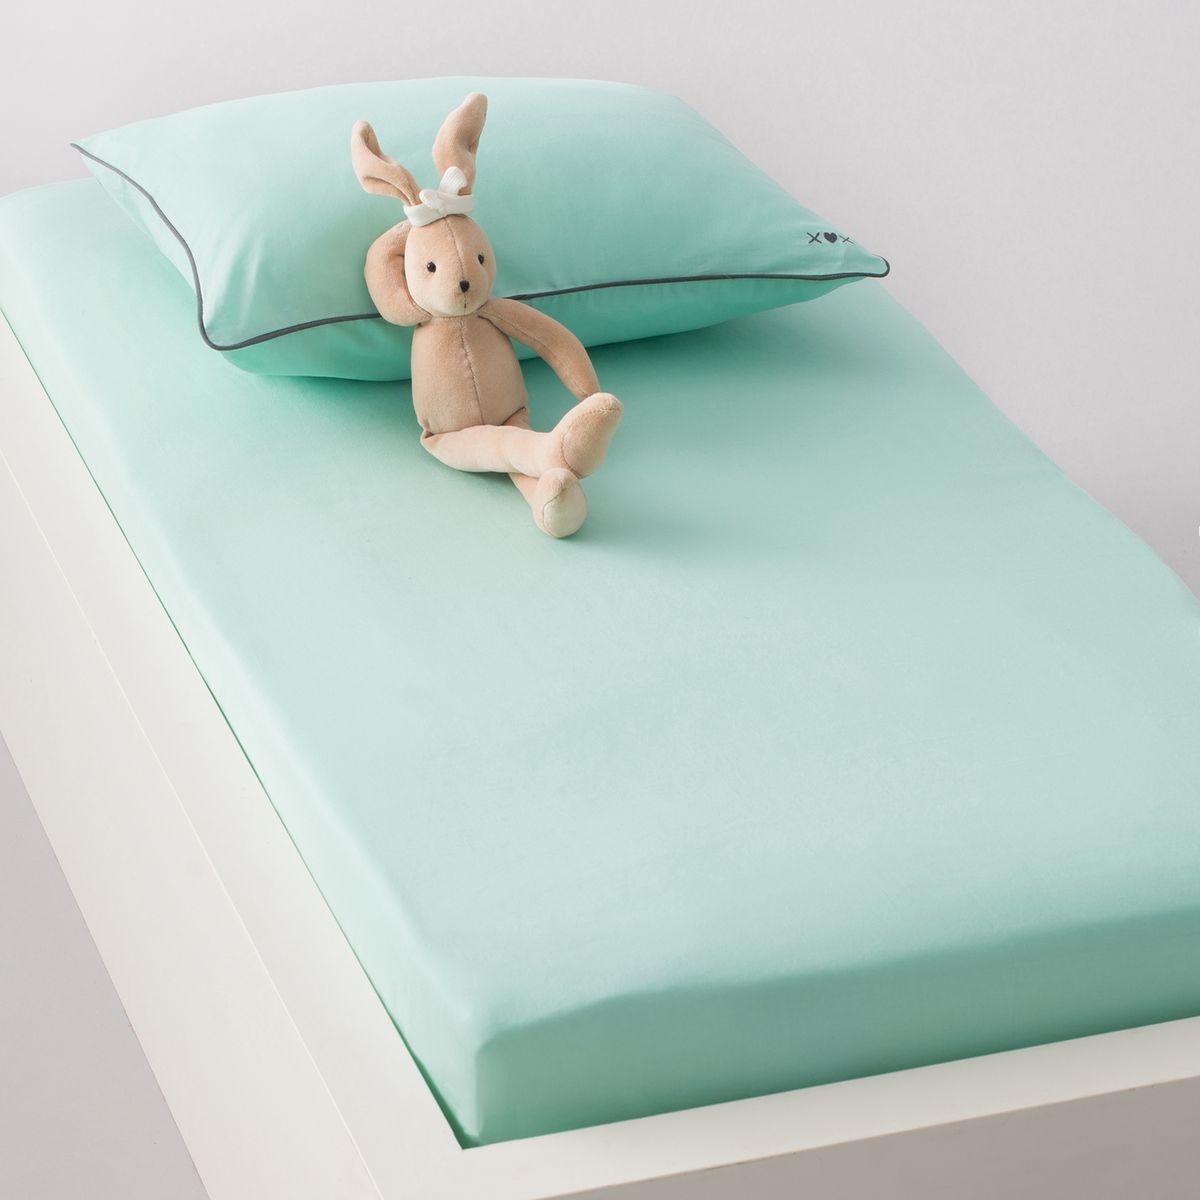 drap housse uni b b toile pur coton lot de 2 x. Black Bedroom Furniture Sets. Home Design Ideas